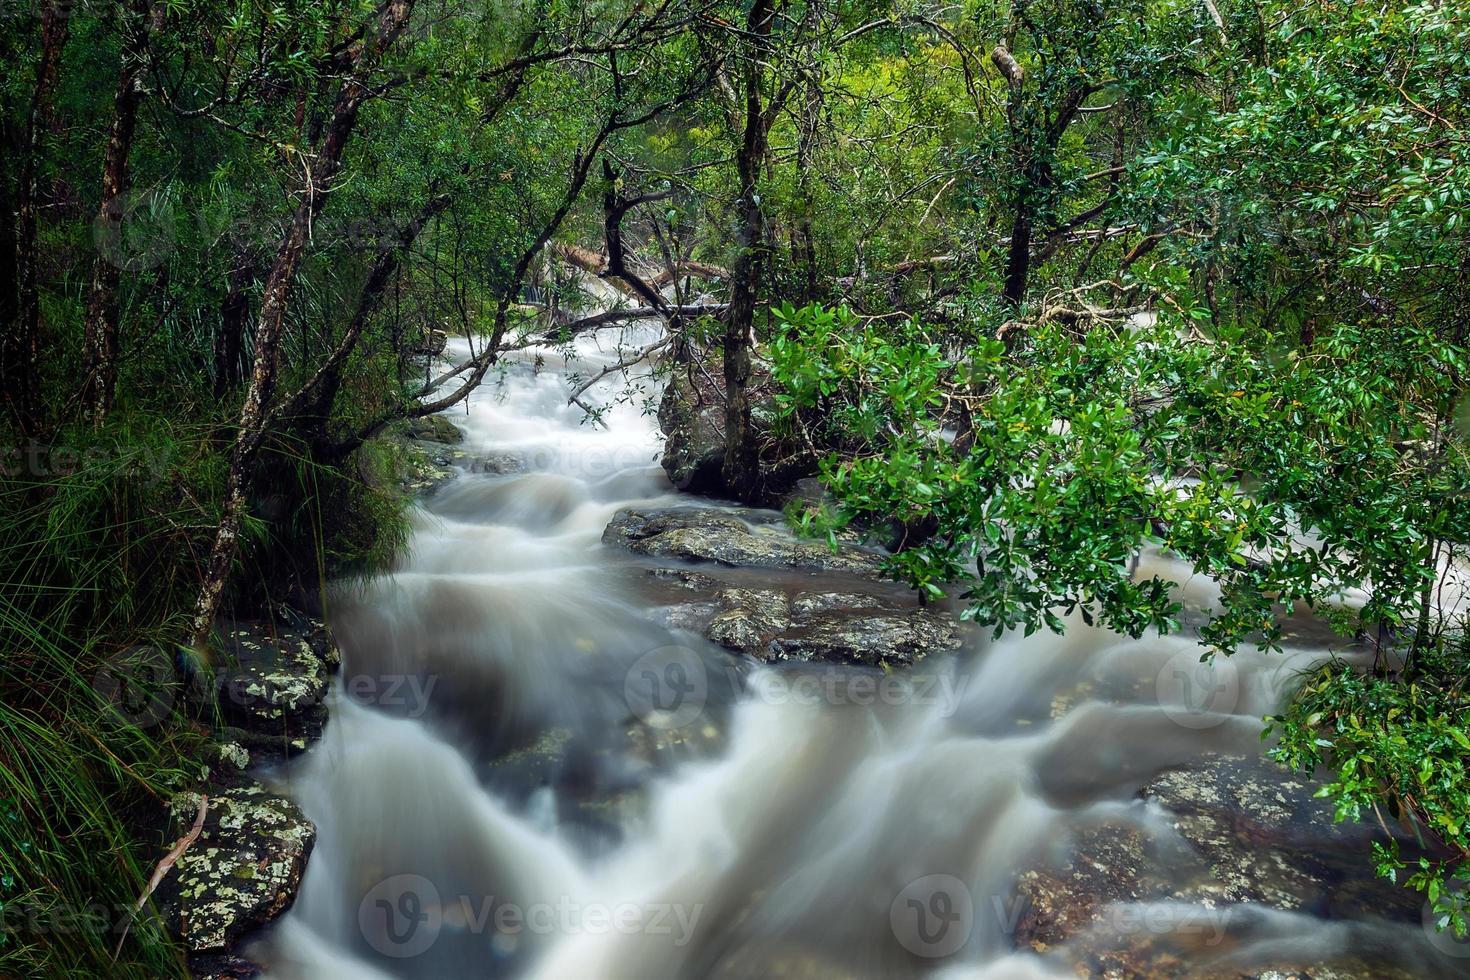 inundação do rio foto